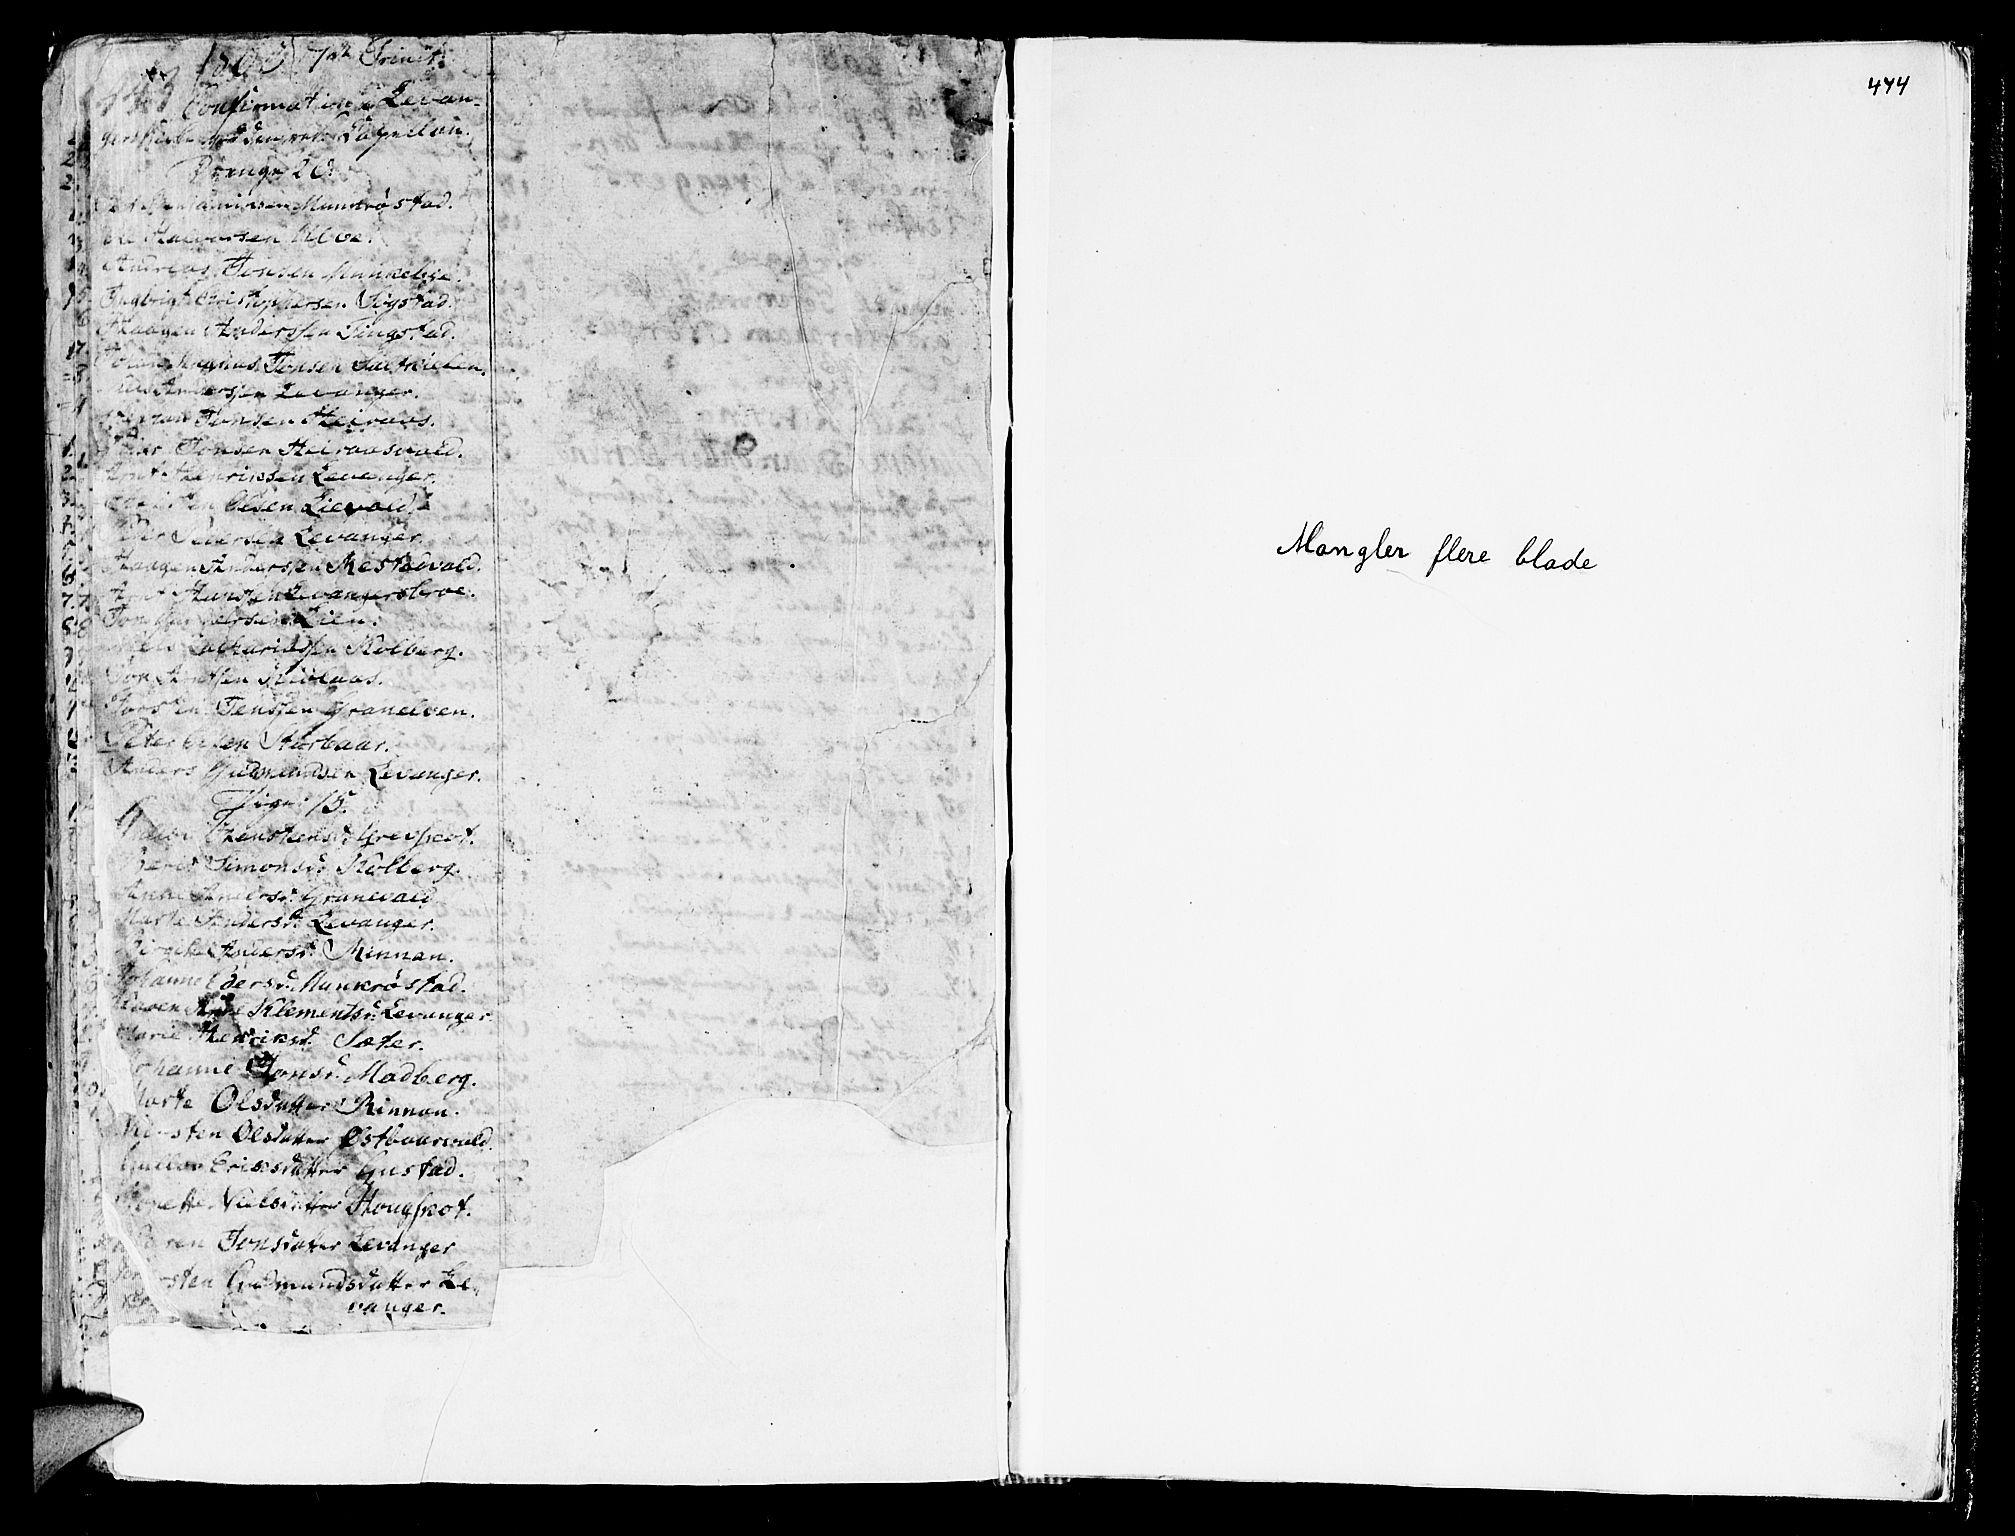 SAT, Ministerialprotokoller, klokkerbøker og fødselsregistre - Nord-Trøndelag, 717/L0141: Ministerialbok nr. 717A01, 1747-1803, s. 443-444